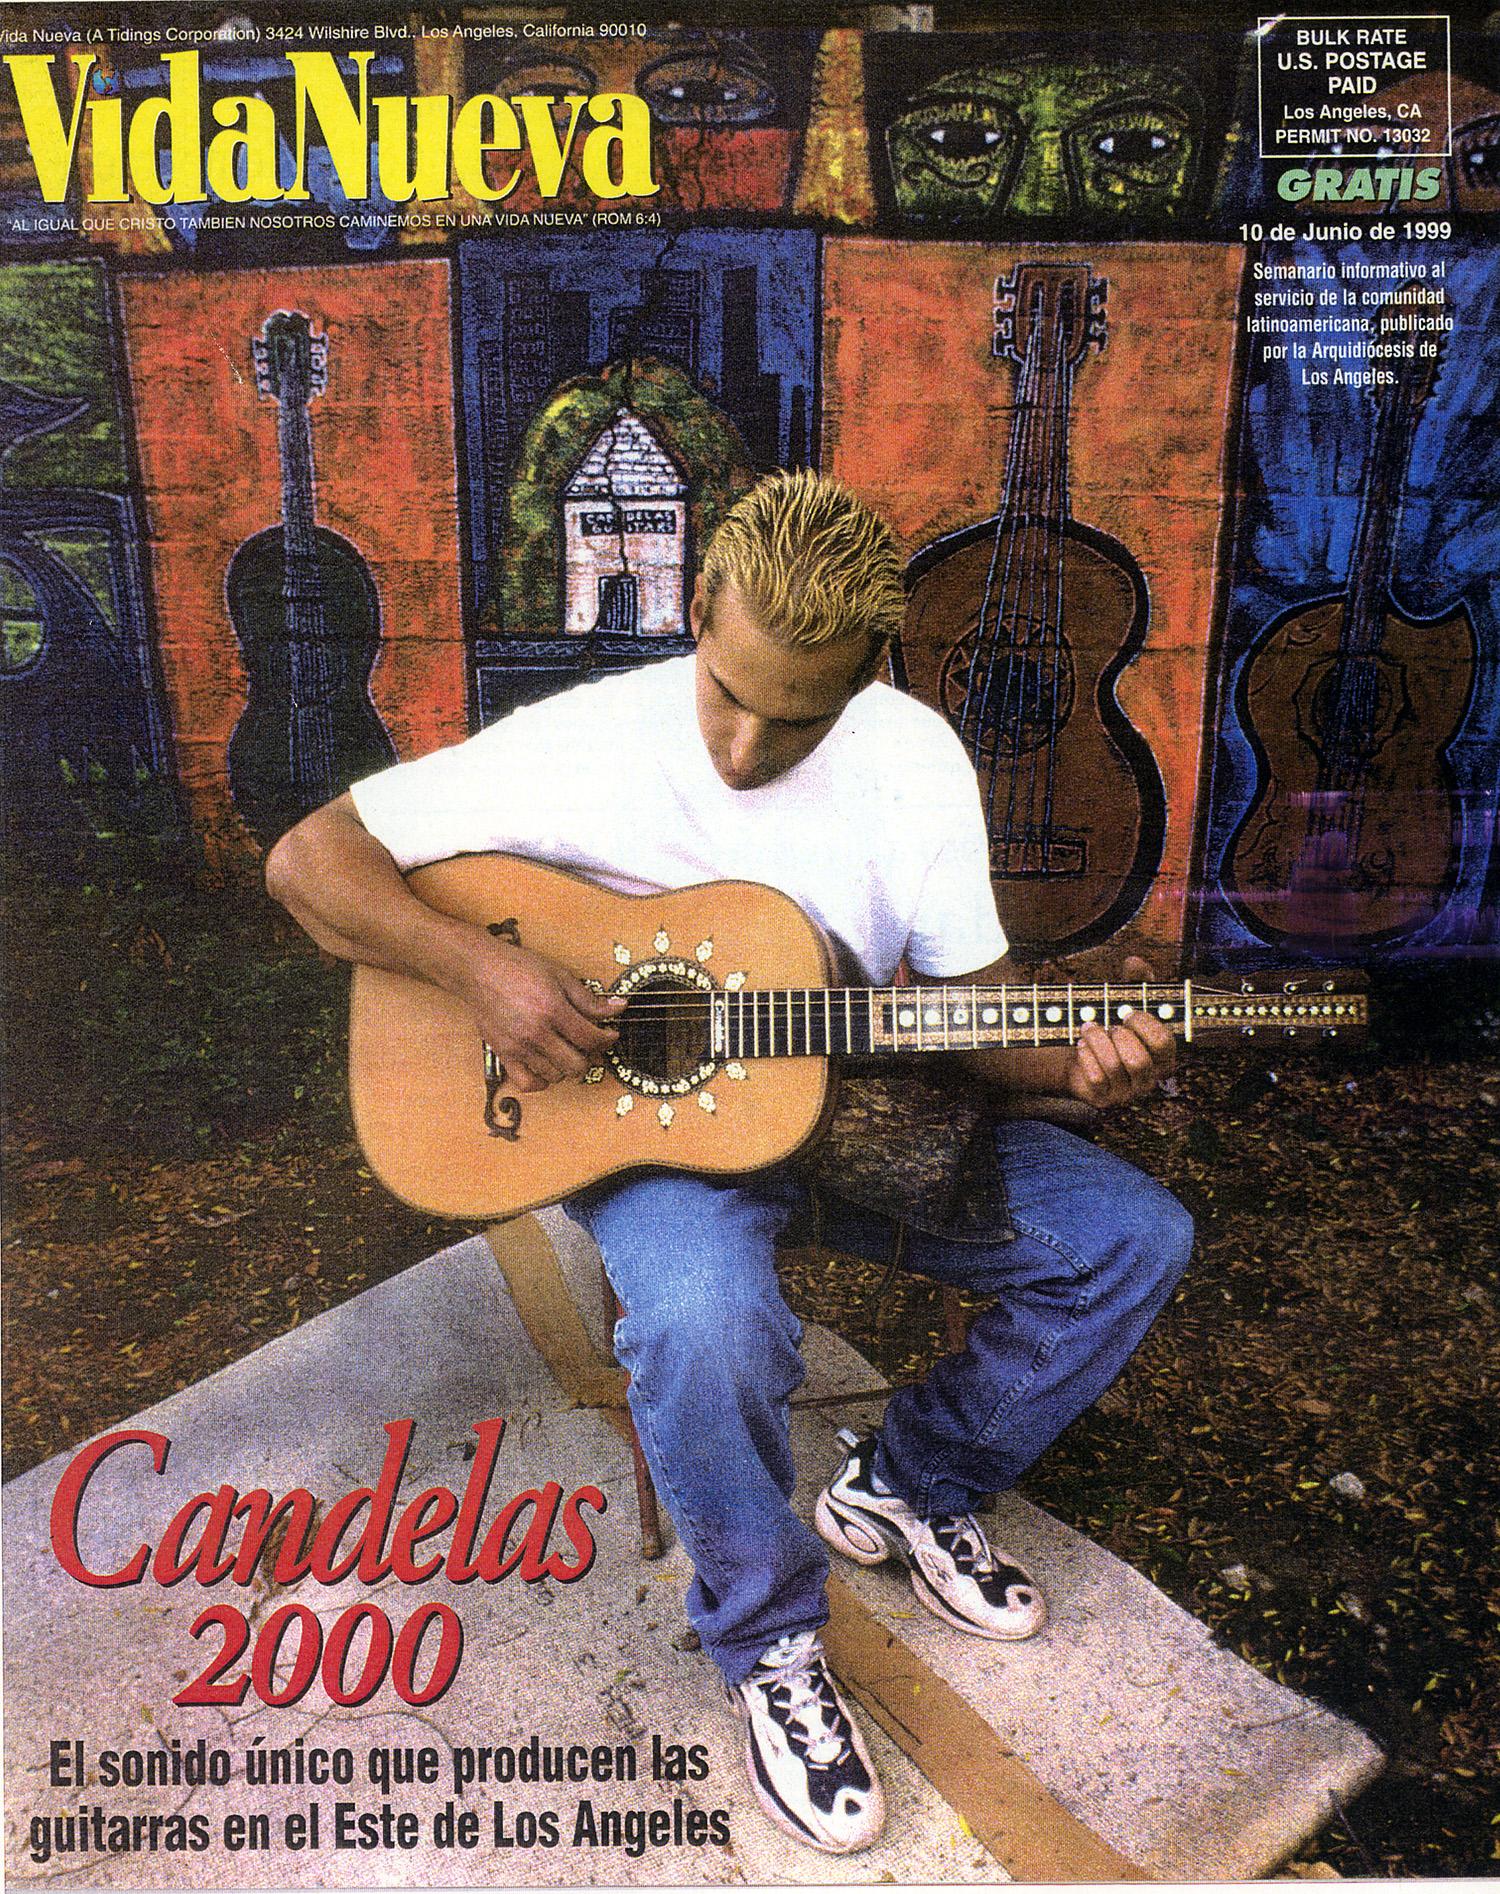 Las Guitarras, mural, Candela's Guitars, Vida Nueva Magazine, 2000.